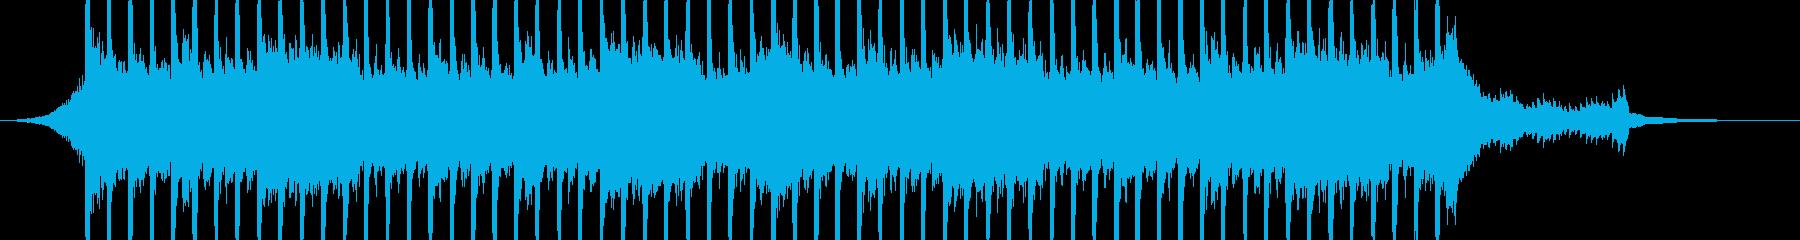 企業VP向け、爽やかポップ4つ打ち10bの再生済みの波形